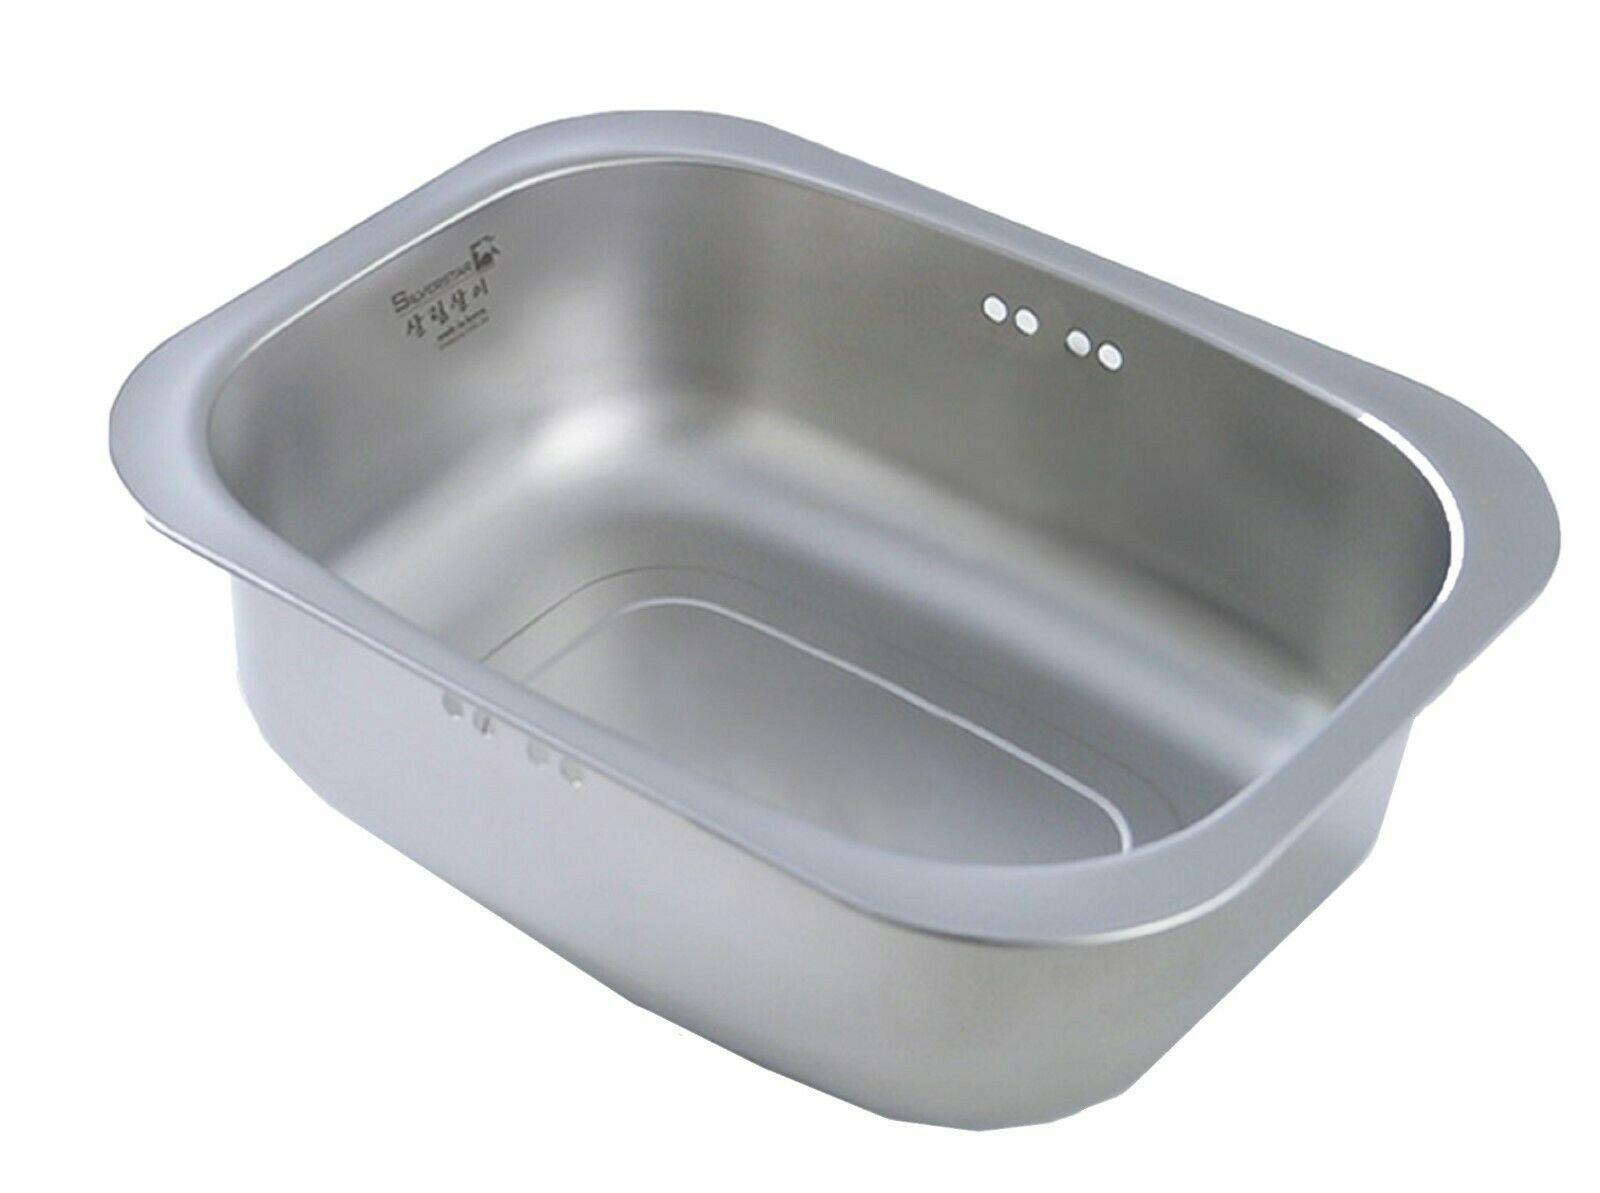 Silverstar Stainless Steel Dishpan Washing-up Bowl Bucket Basket Tub